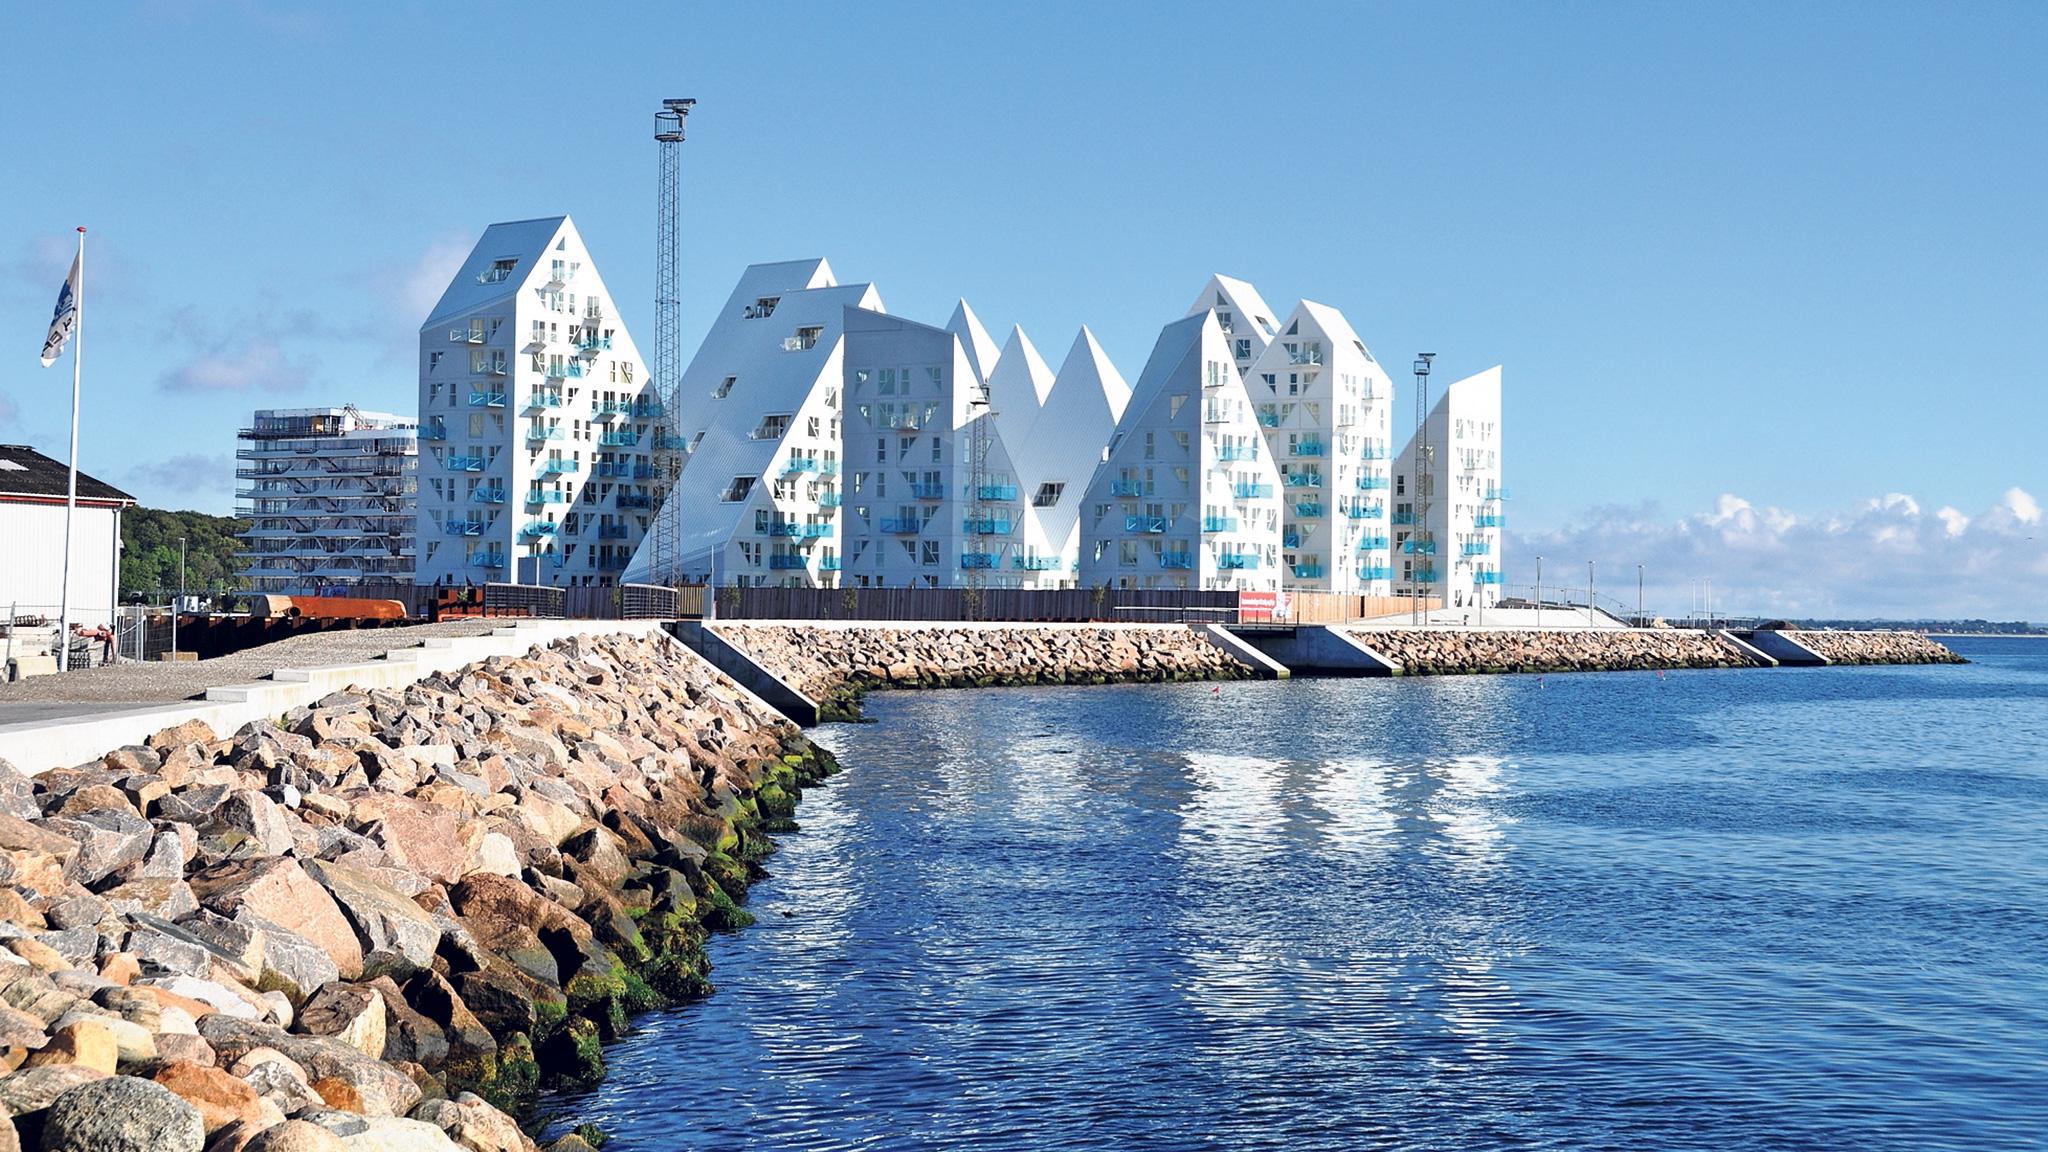 Denmark property: how Aarhus is now a rival to Copenhagen